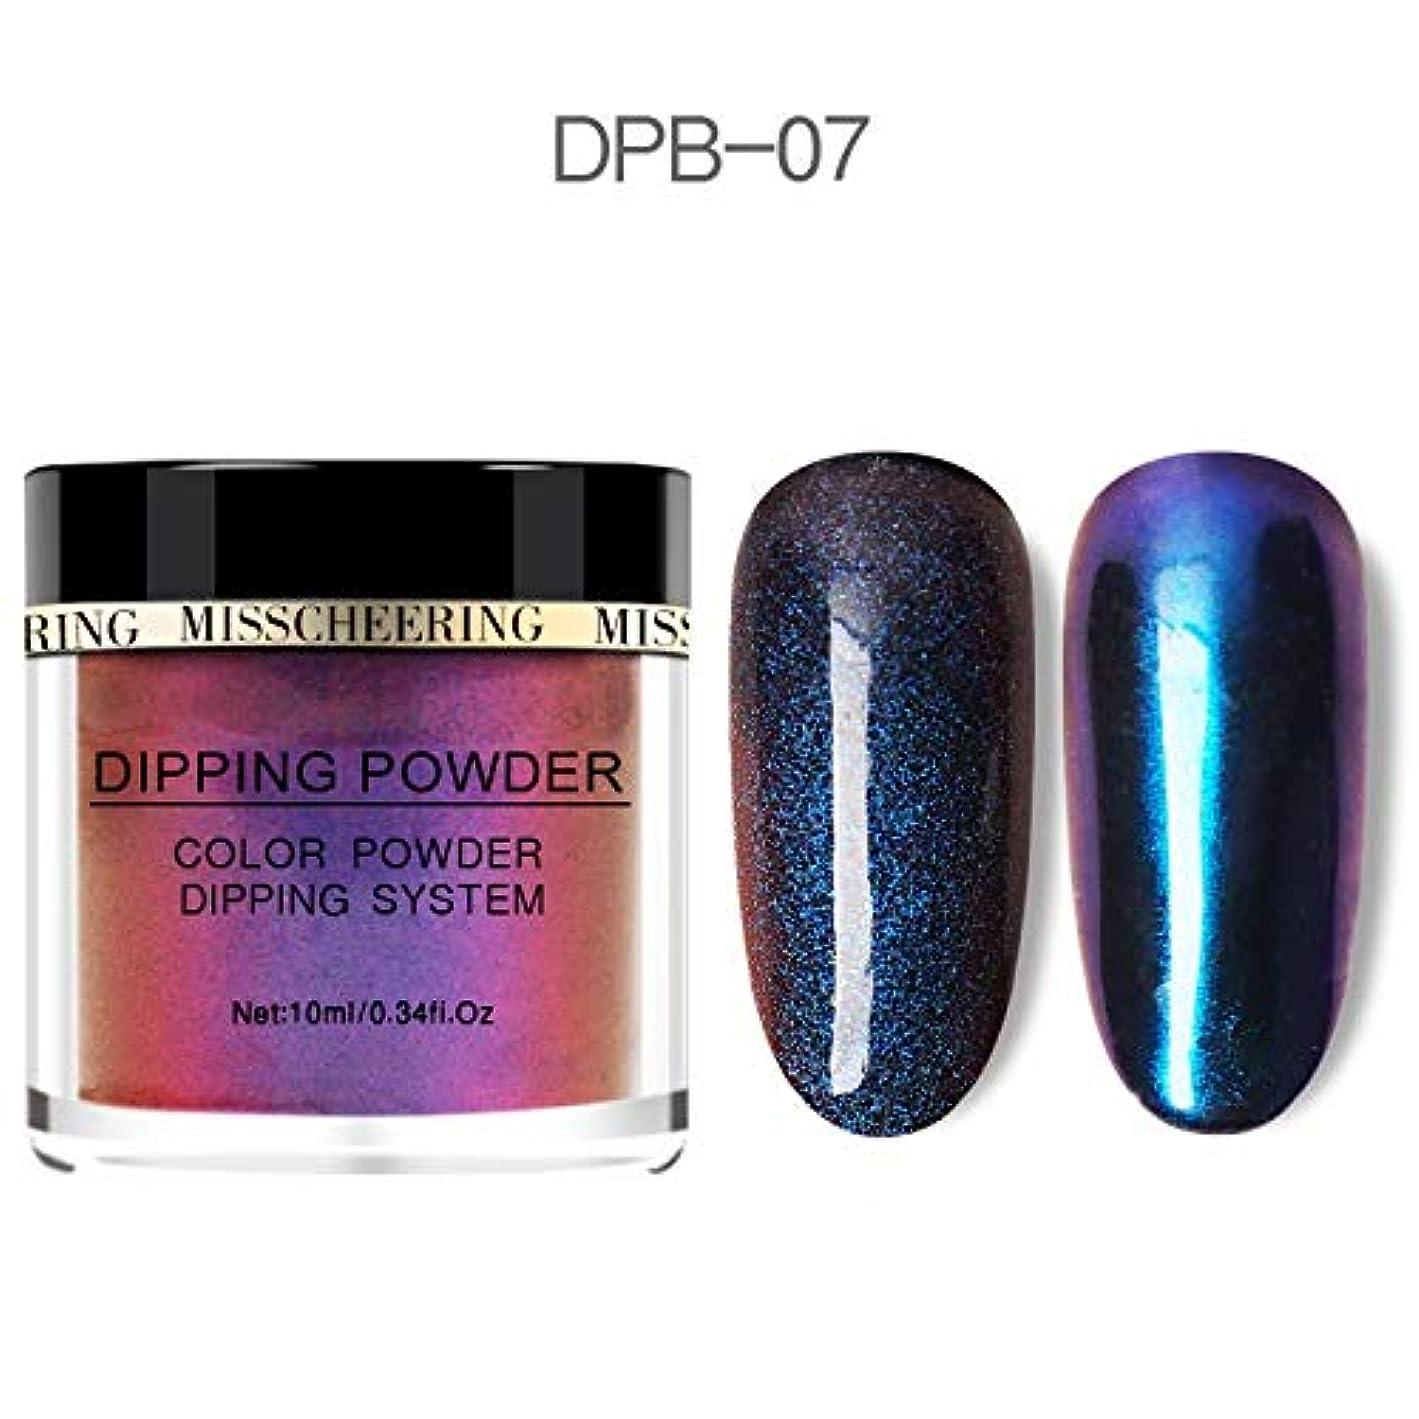 容量けん引アヒルChameleon Wetting Nail Powder Dipping Glitter Decoration Holographic Color Aurora Mirror Effect Neon Glitter Natural...